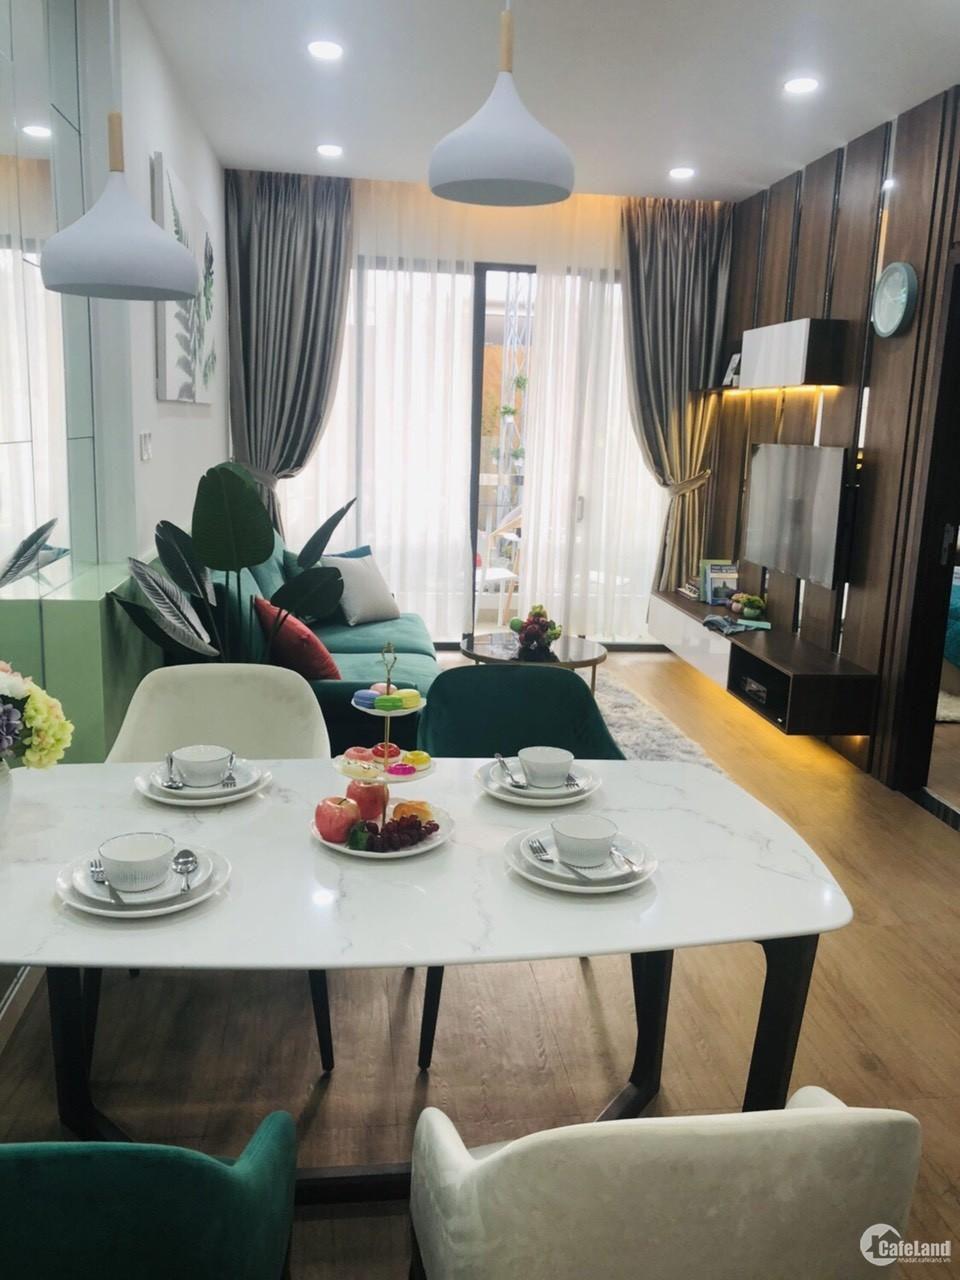 Cần tiền nên bán gấp căn hộ Resgreen Tower căn A1 giá thấp hơn thị trường